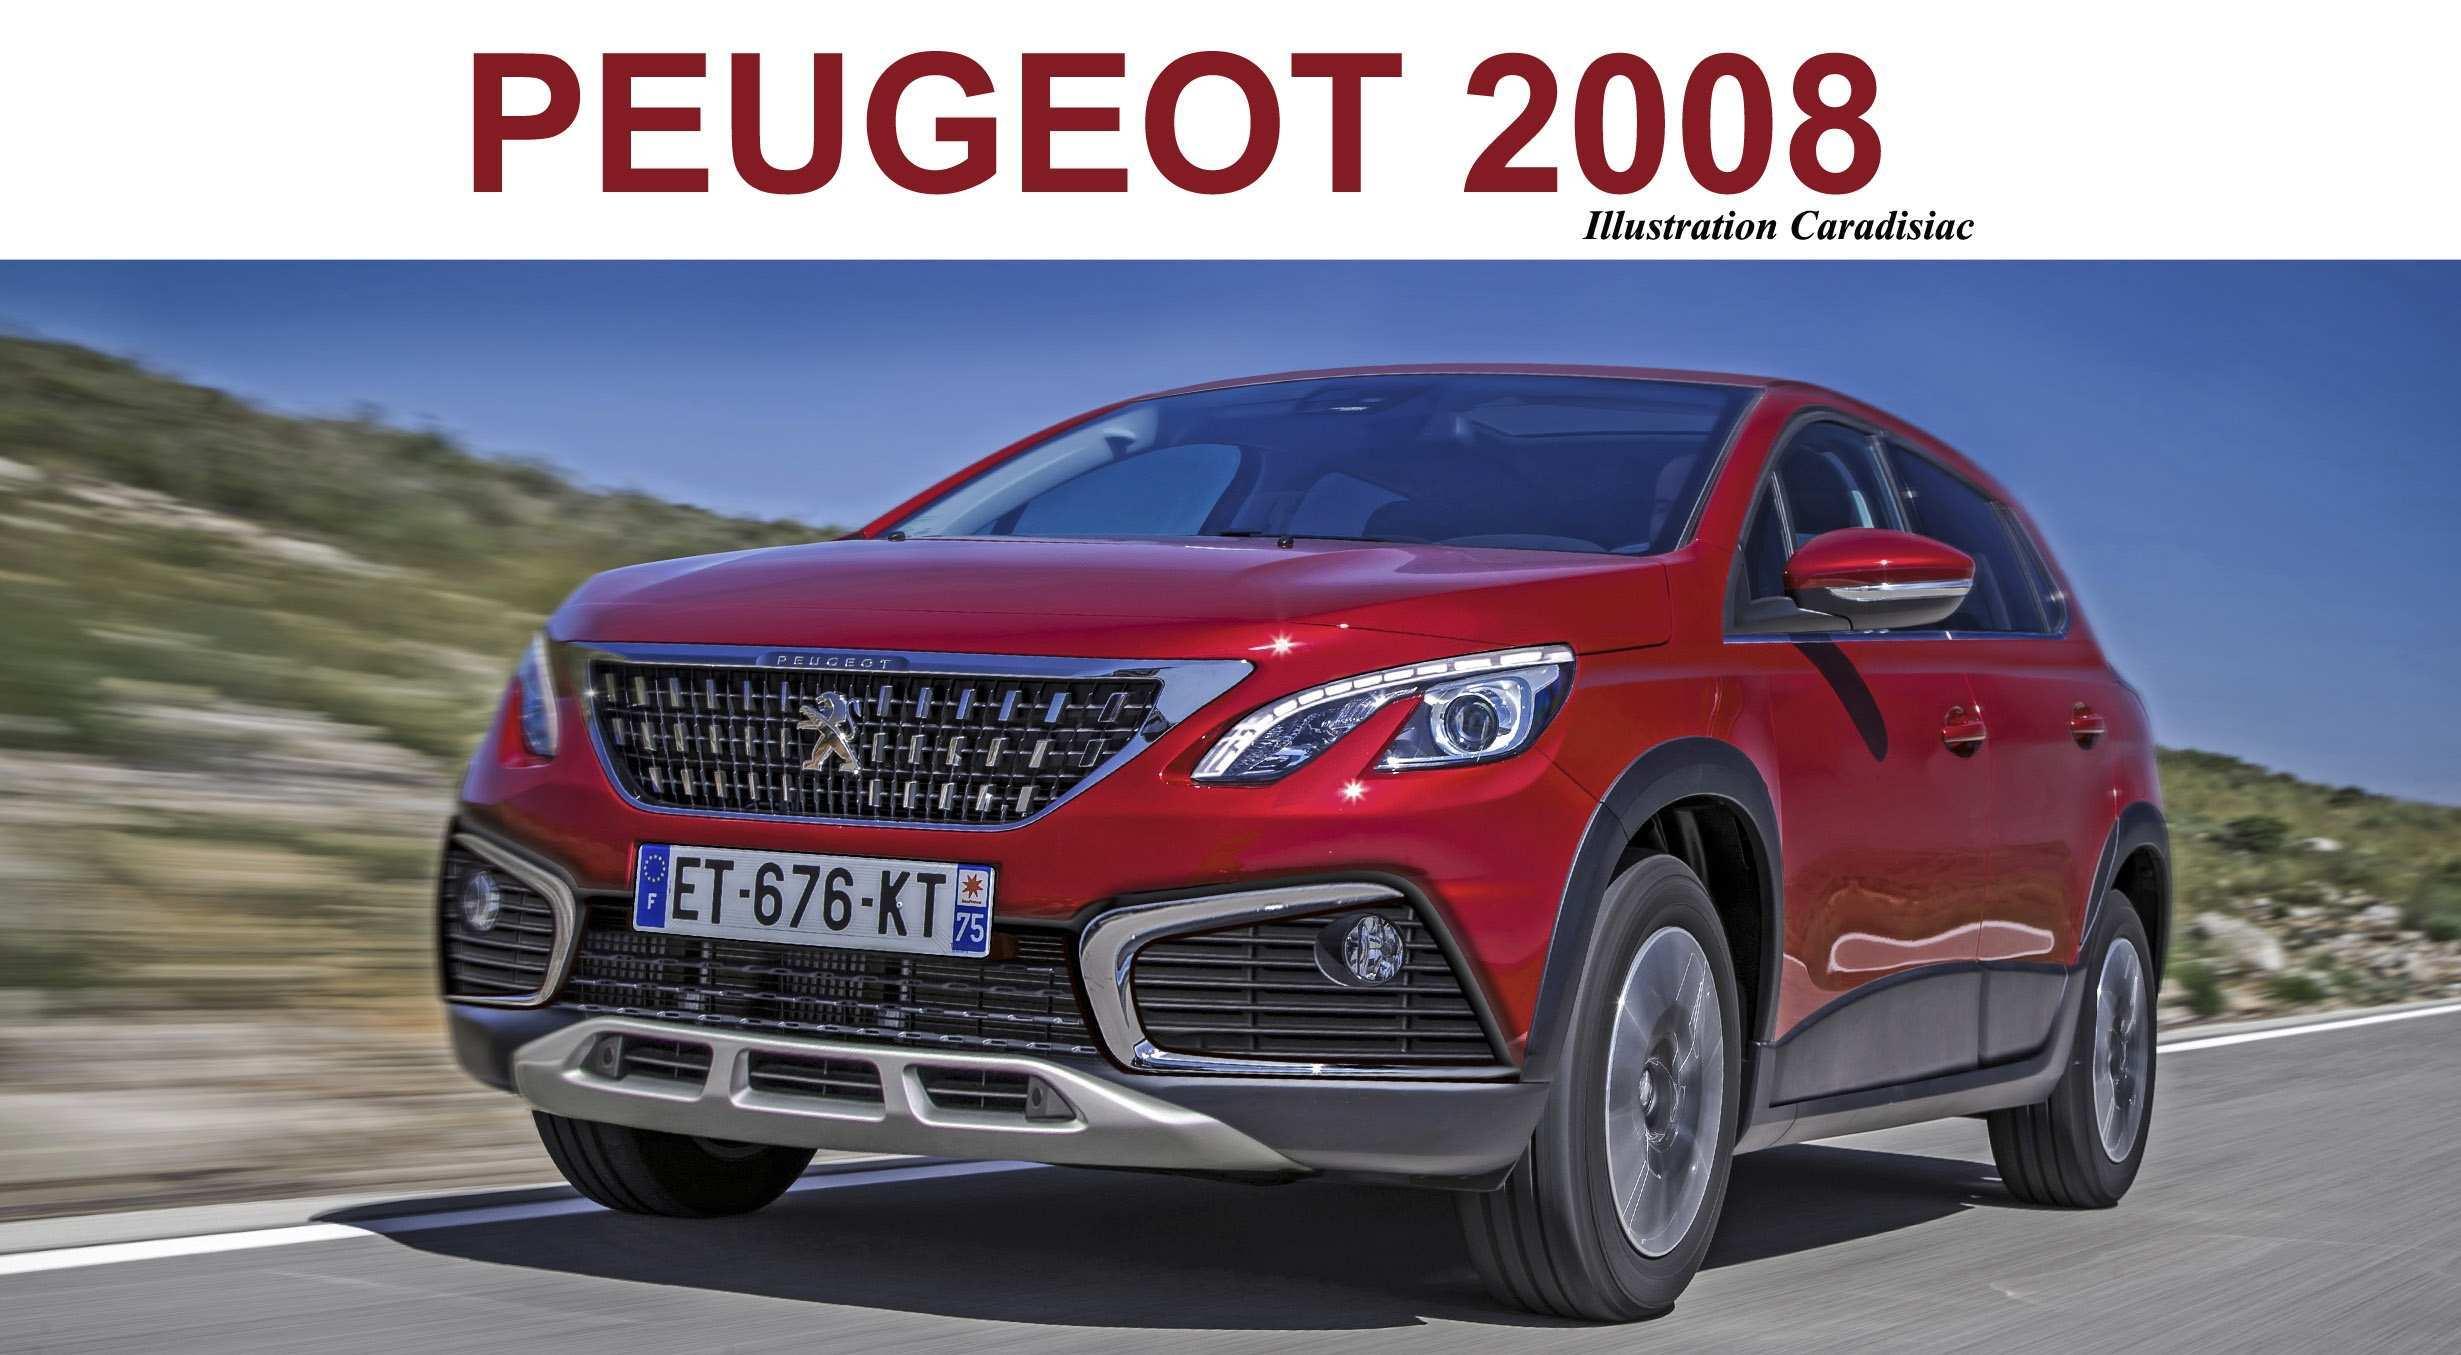 72 Great Nouvelle Peugeot 2020 Images for Nouvelle Peugeot 2020